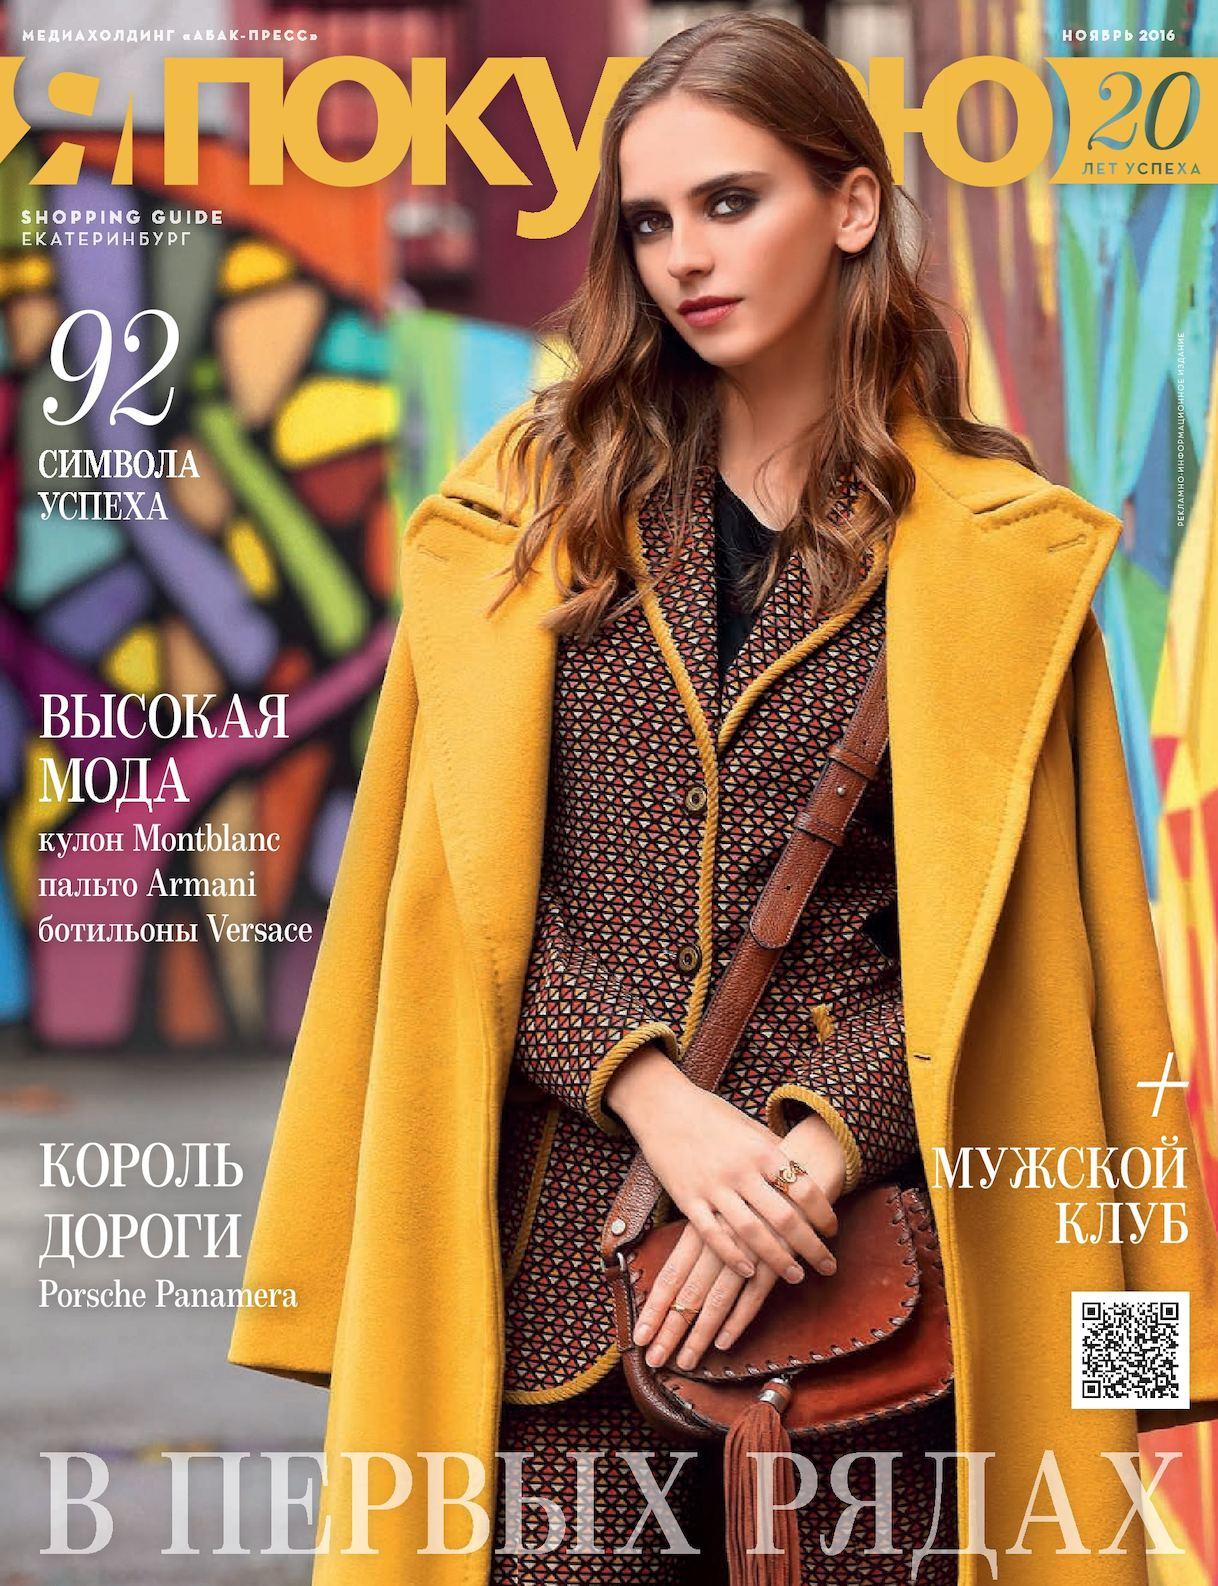 Электронная версия Shopping Guide «Я Покупаю. Екатеринбург», ноябрь 2016